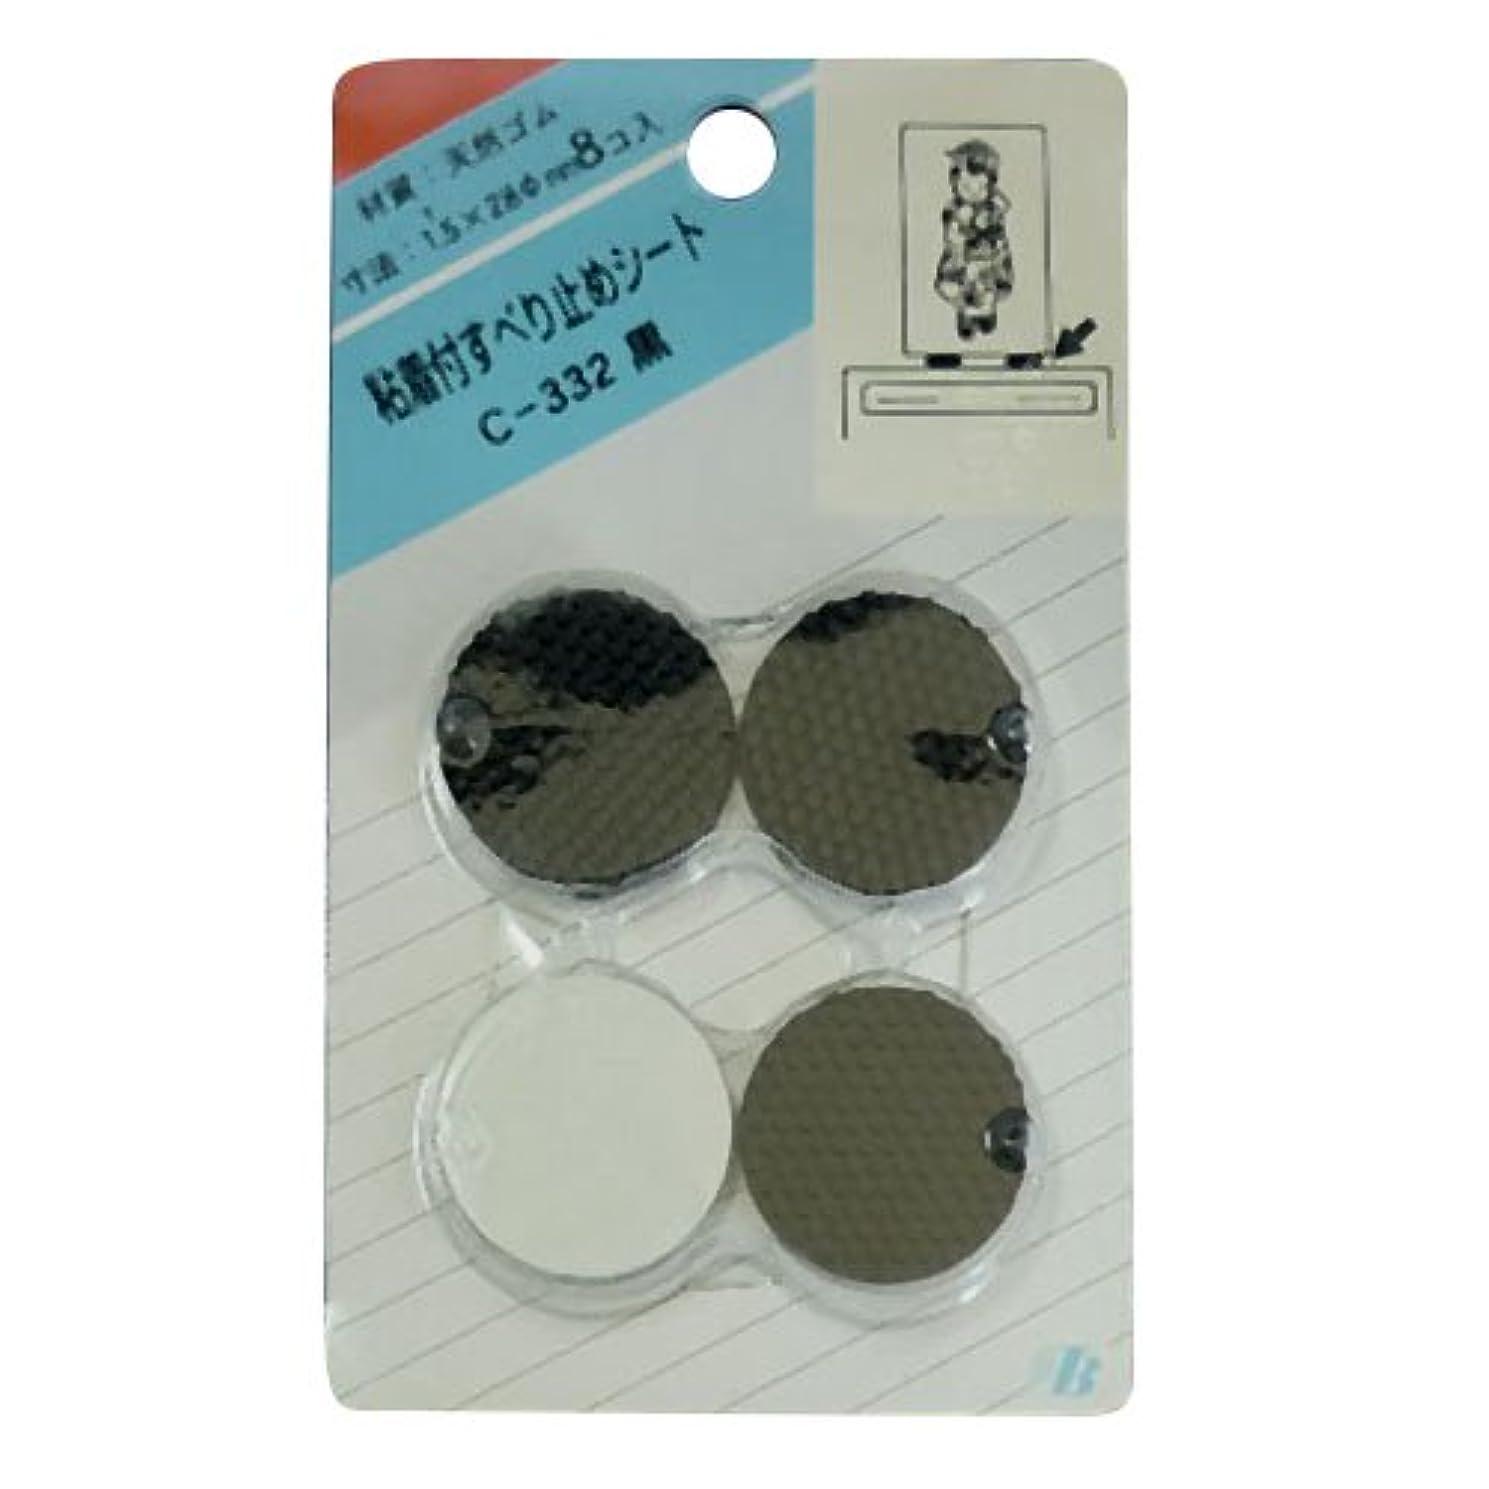 流行もっと少なく粒東京防音 天然ゴム 粘着付 スリップノン 丸形 C-332 黒 8個入 Ф28×厚1.5mm